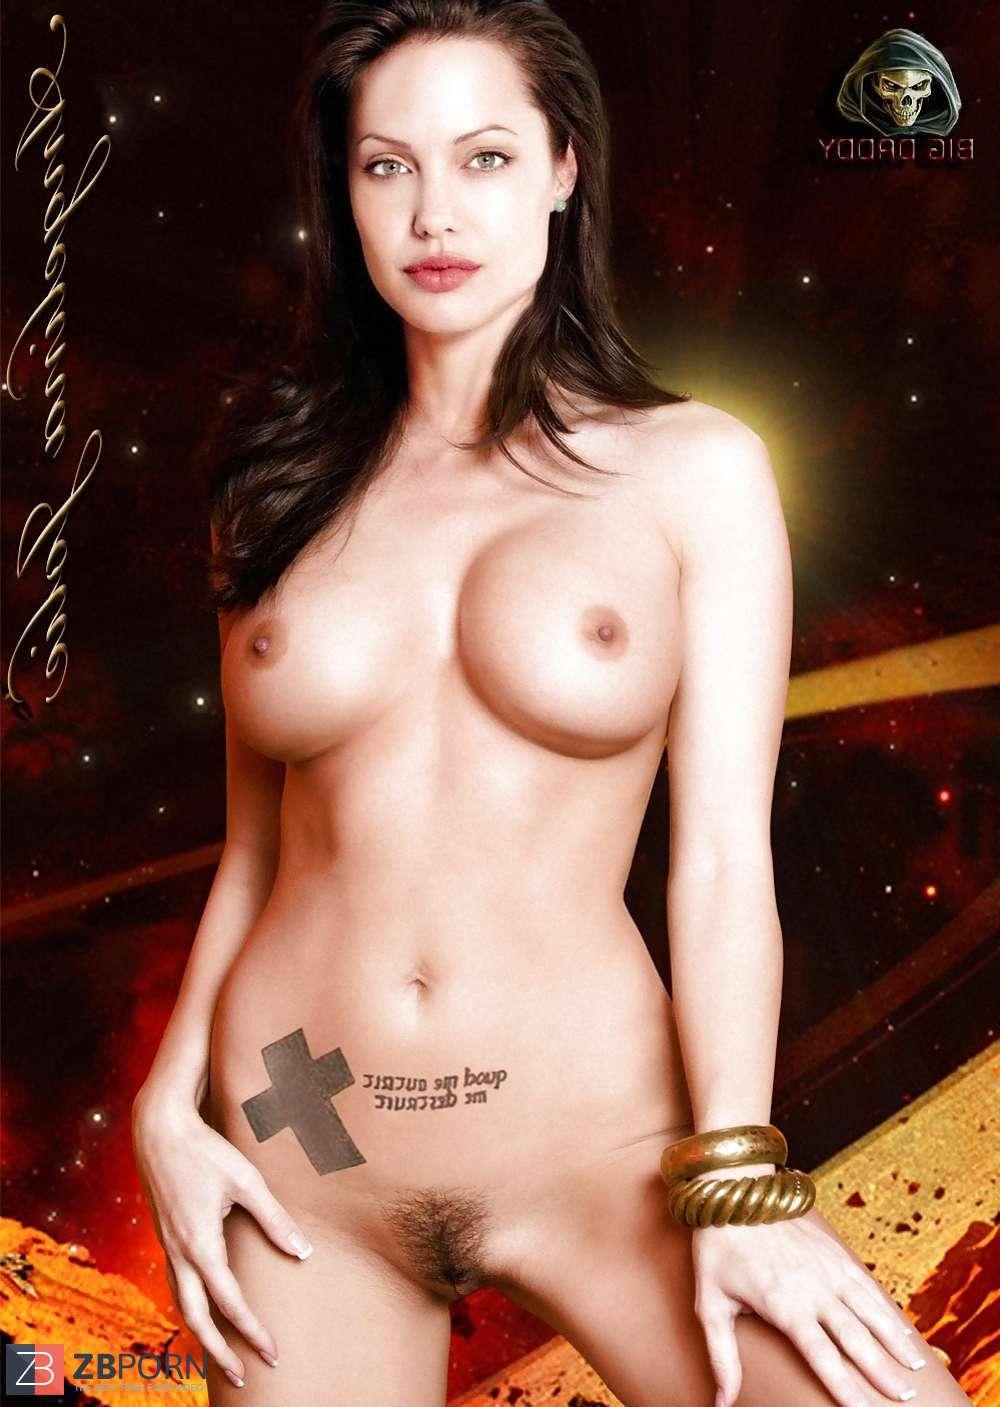 Naked Playboy Angelina Jolie